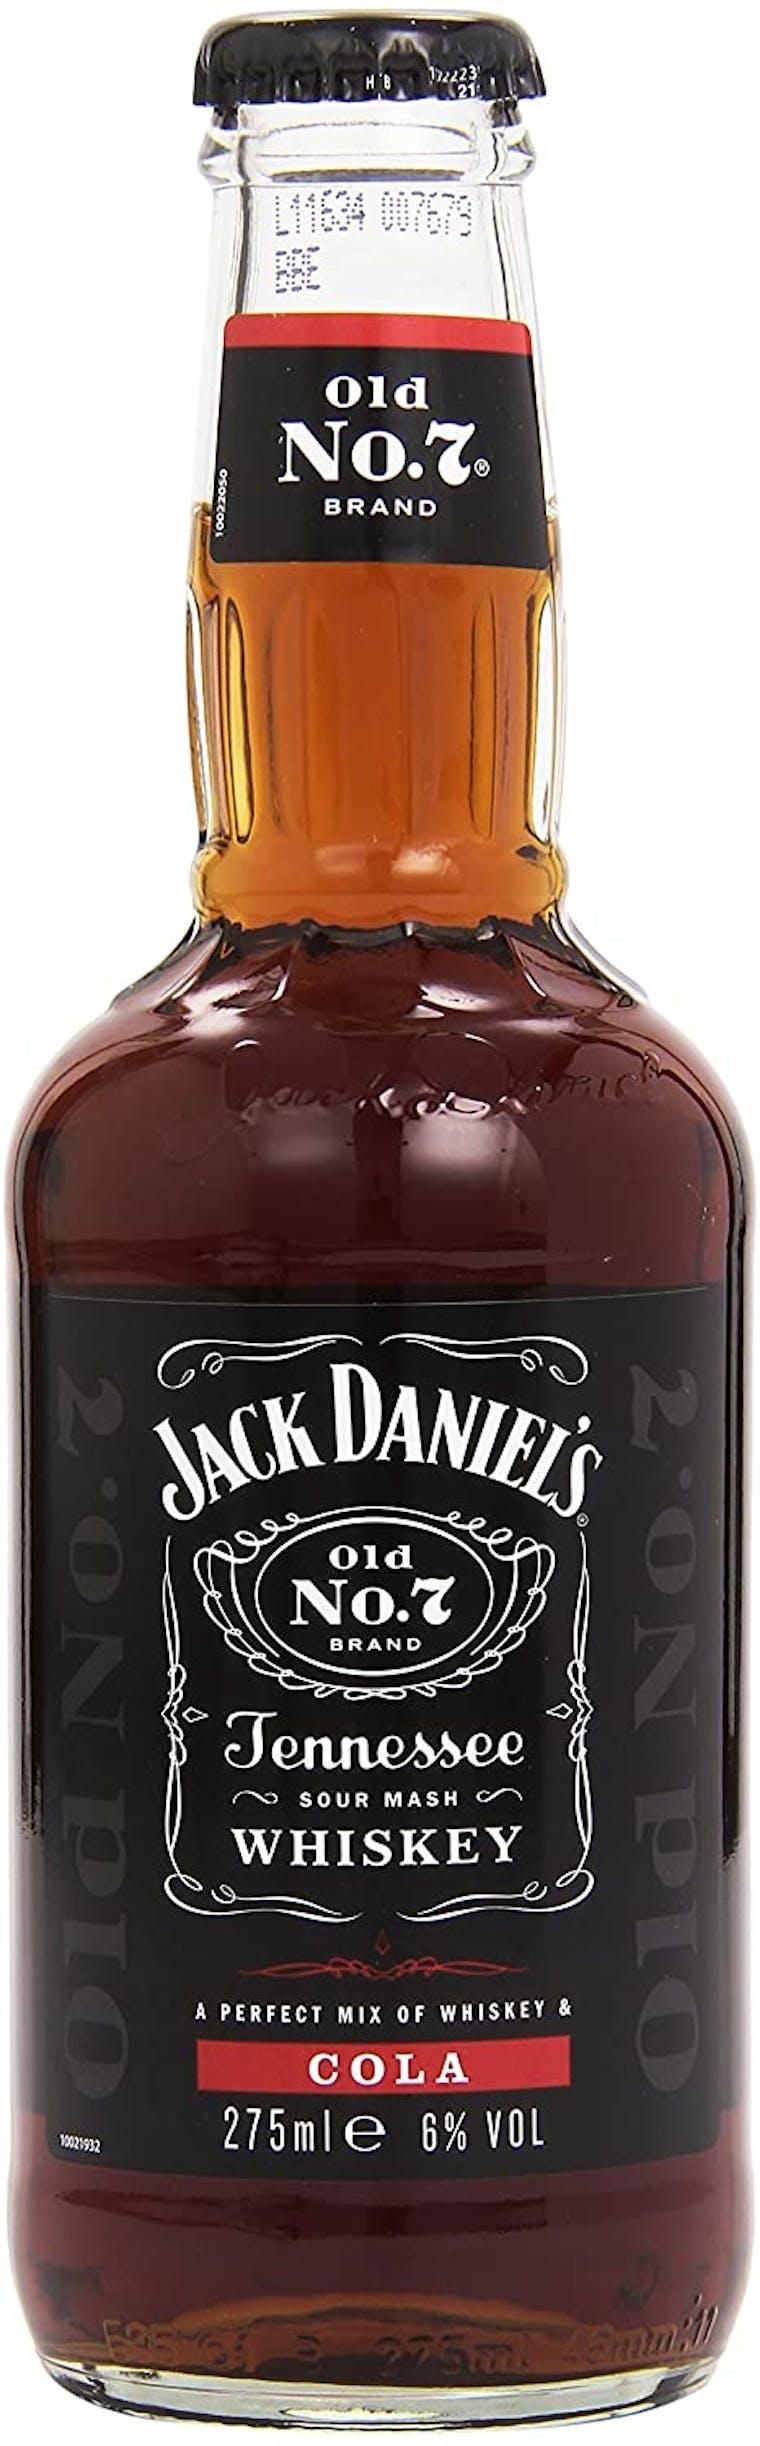 JACK DANIEL'S - MIX WHISKEY E COLA Disponibile in negozio